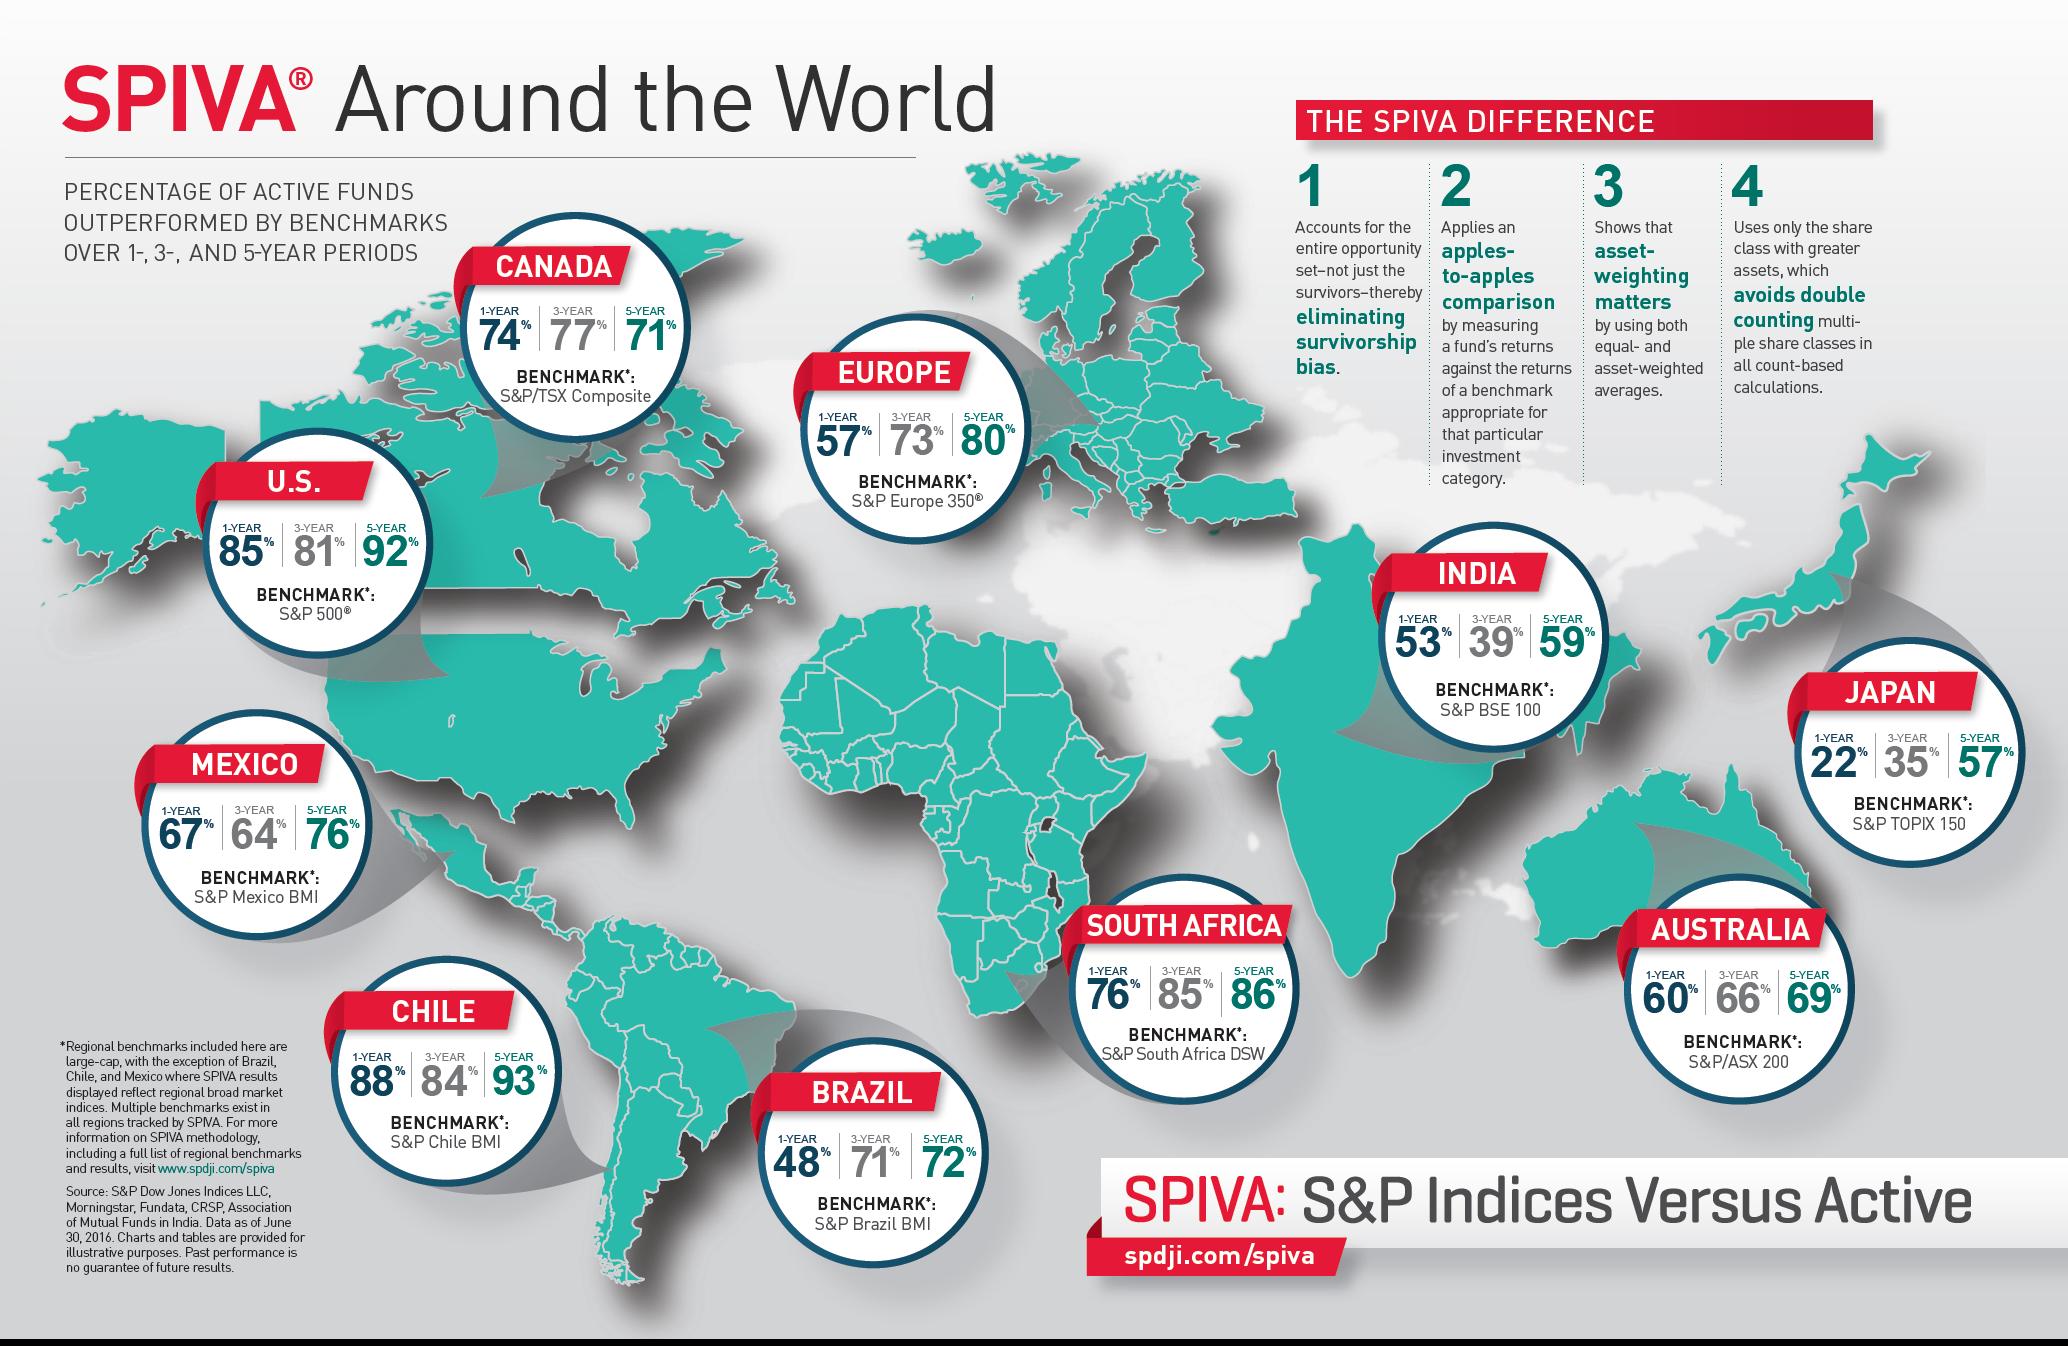 SPIVA chart